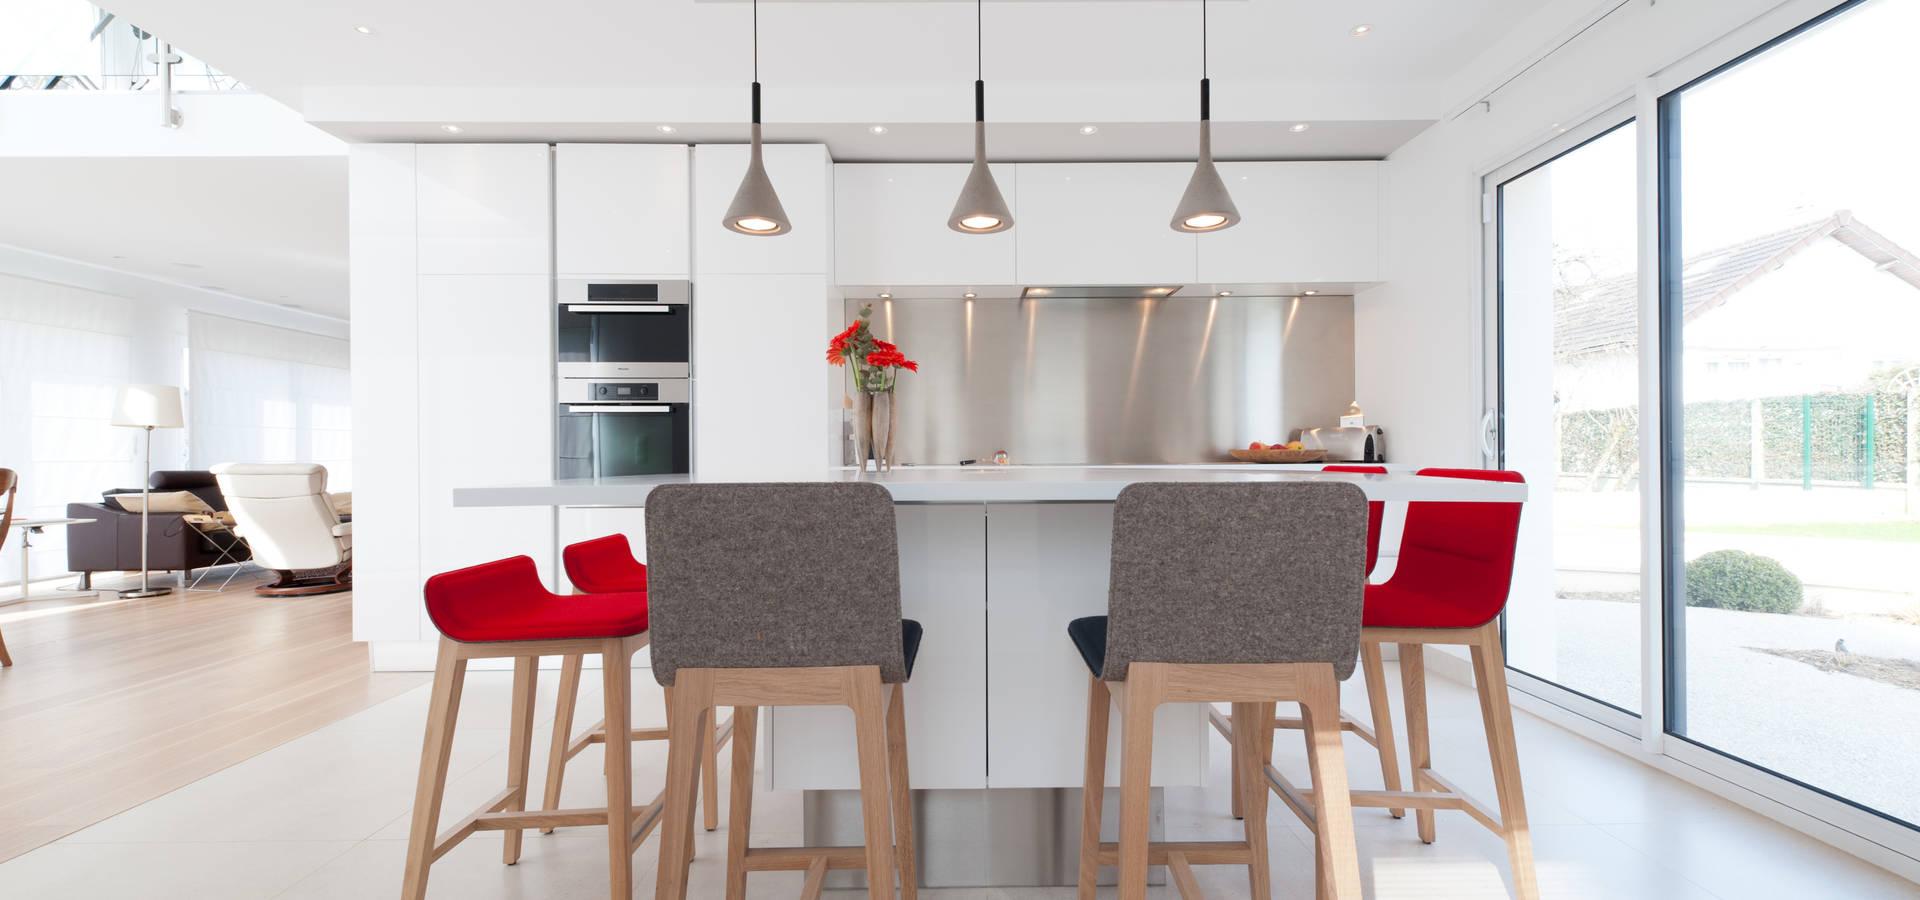 LA CUISINE DANS LE BAIN SK CONCEPT Cuisinistes à PARIS Sur Homify - La cuisine dans le bain